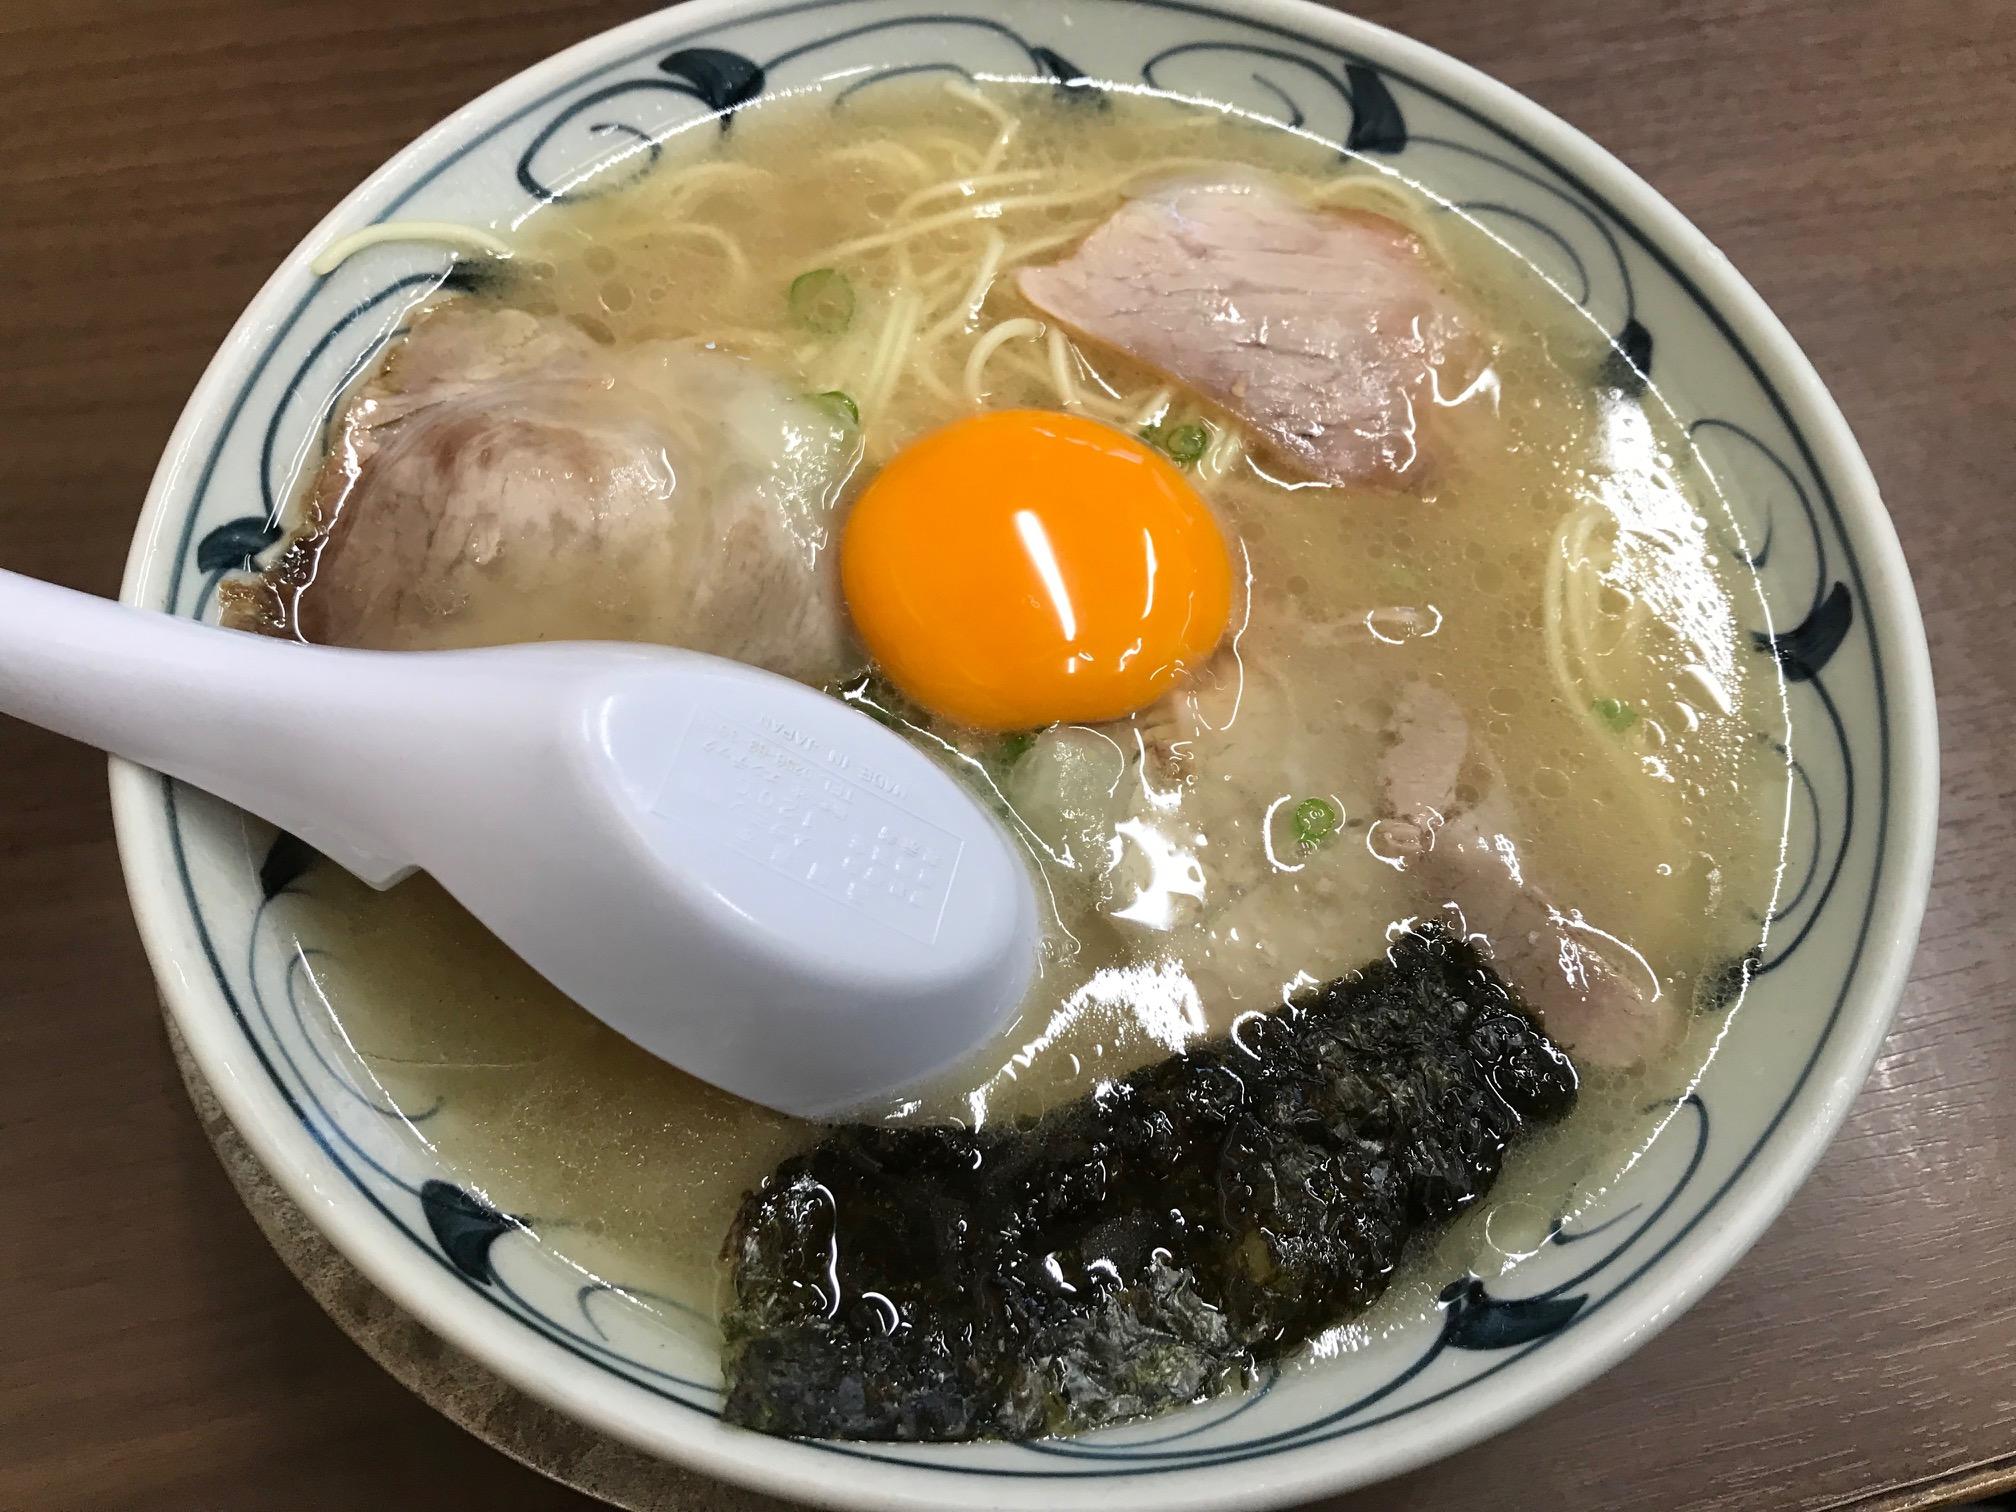 もとむら(元:一休軒鍋島店)